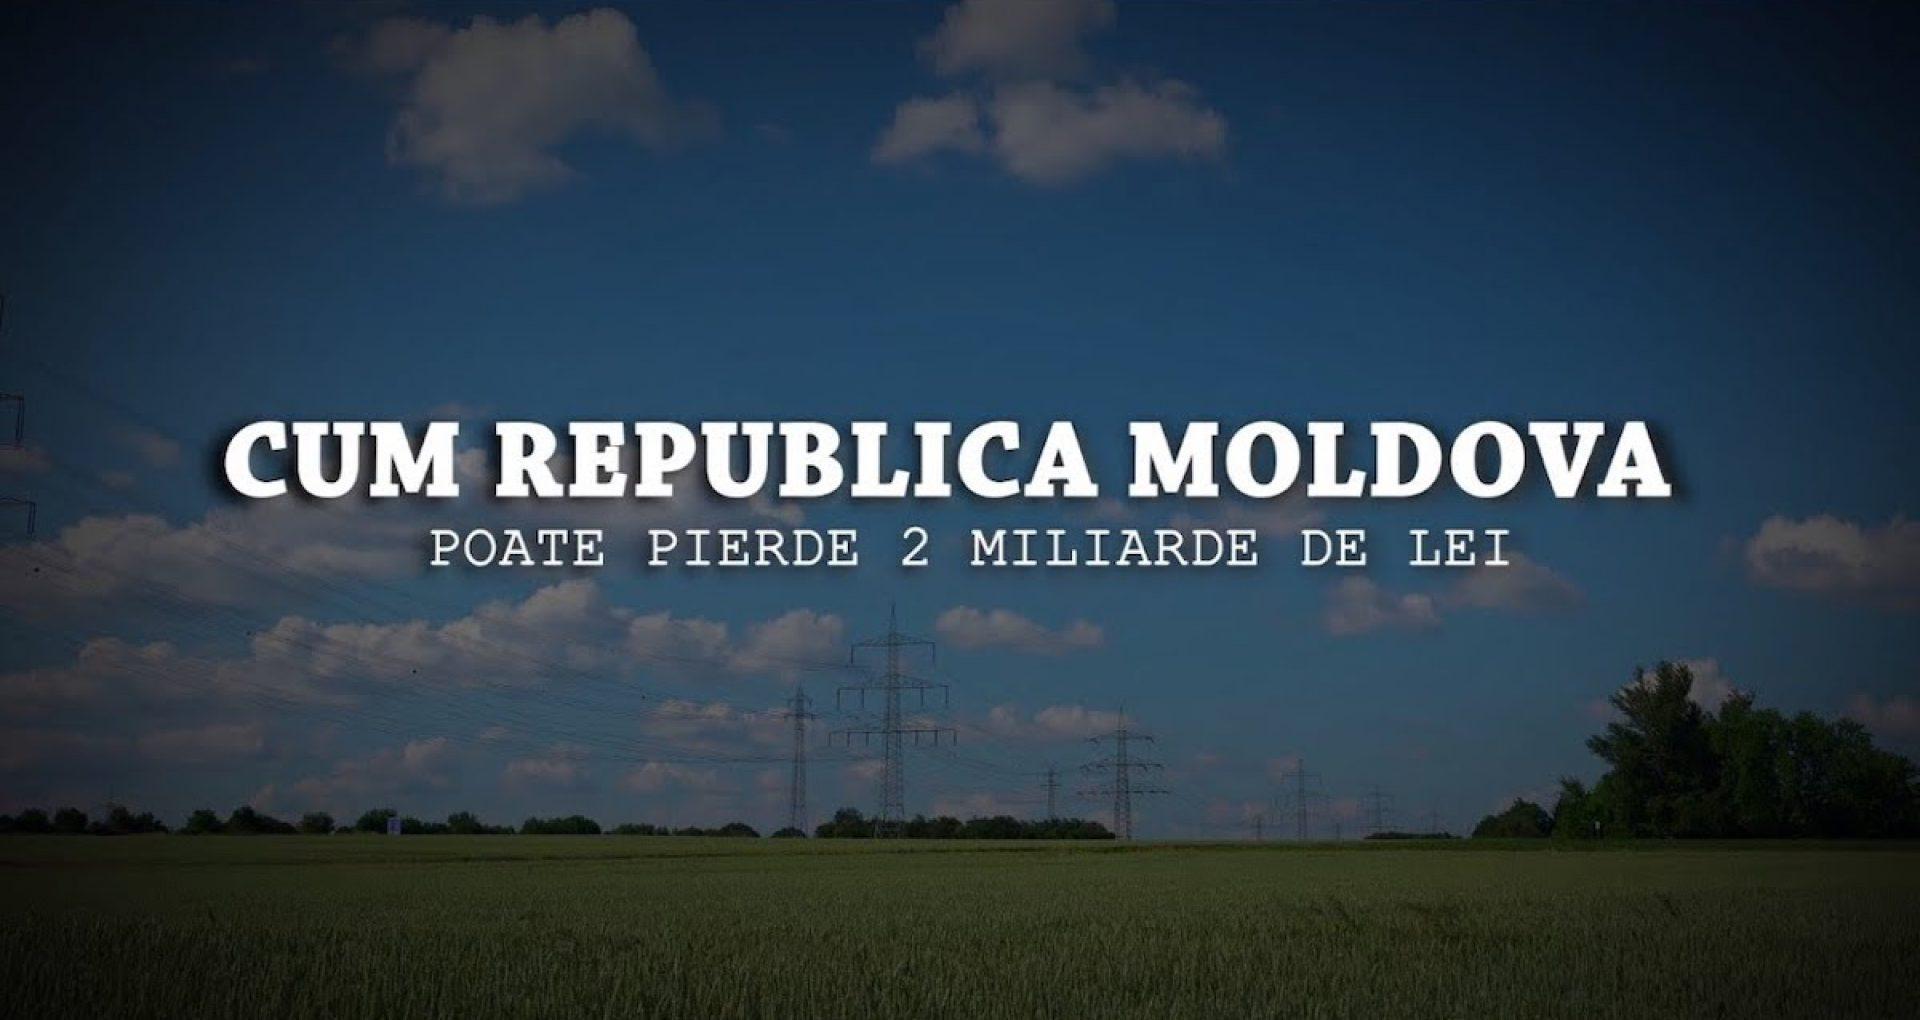 VIDEO/ Cum R. Moldova poate pierde 2 miliarde de lei. Licitații cu interese în jurul unei datorii pentru energia electrică livrată acum două decenii